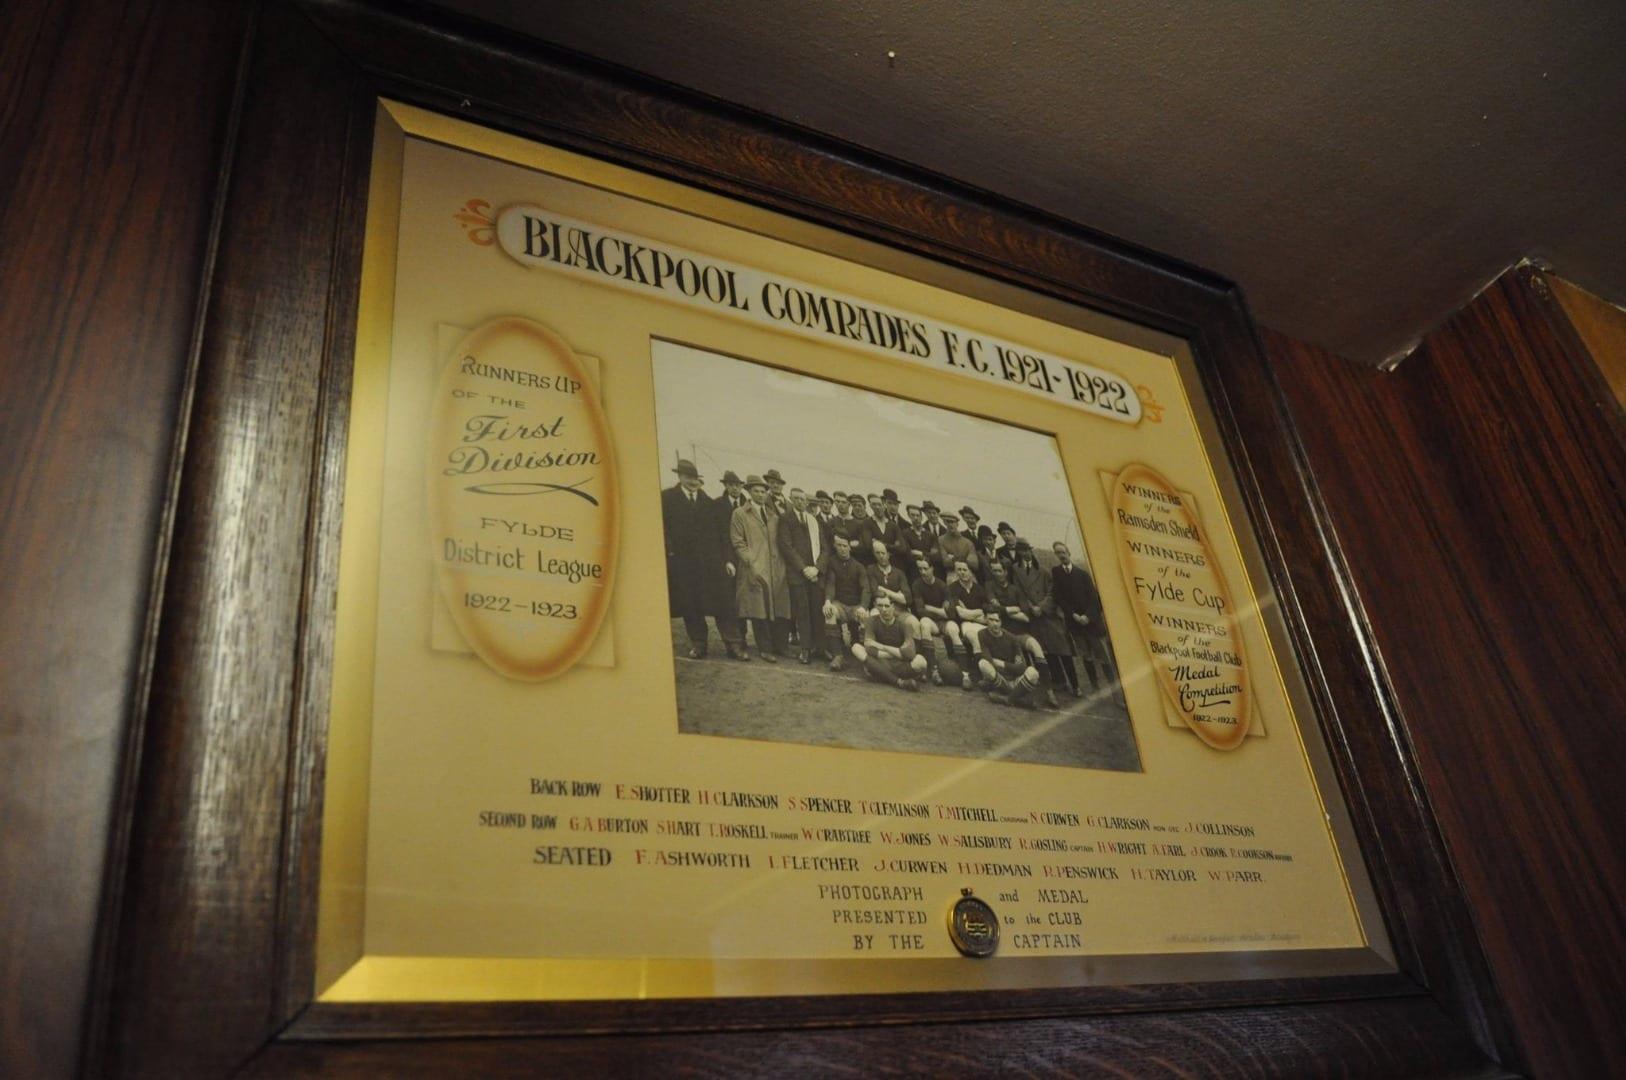 Blackpool Comrades Club football team